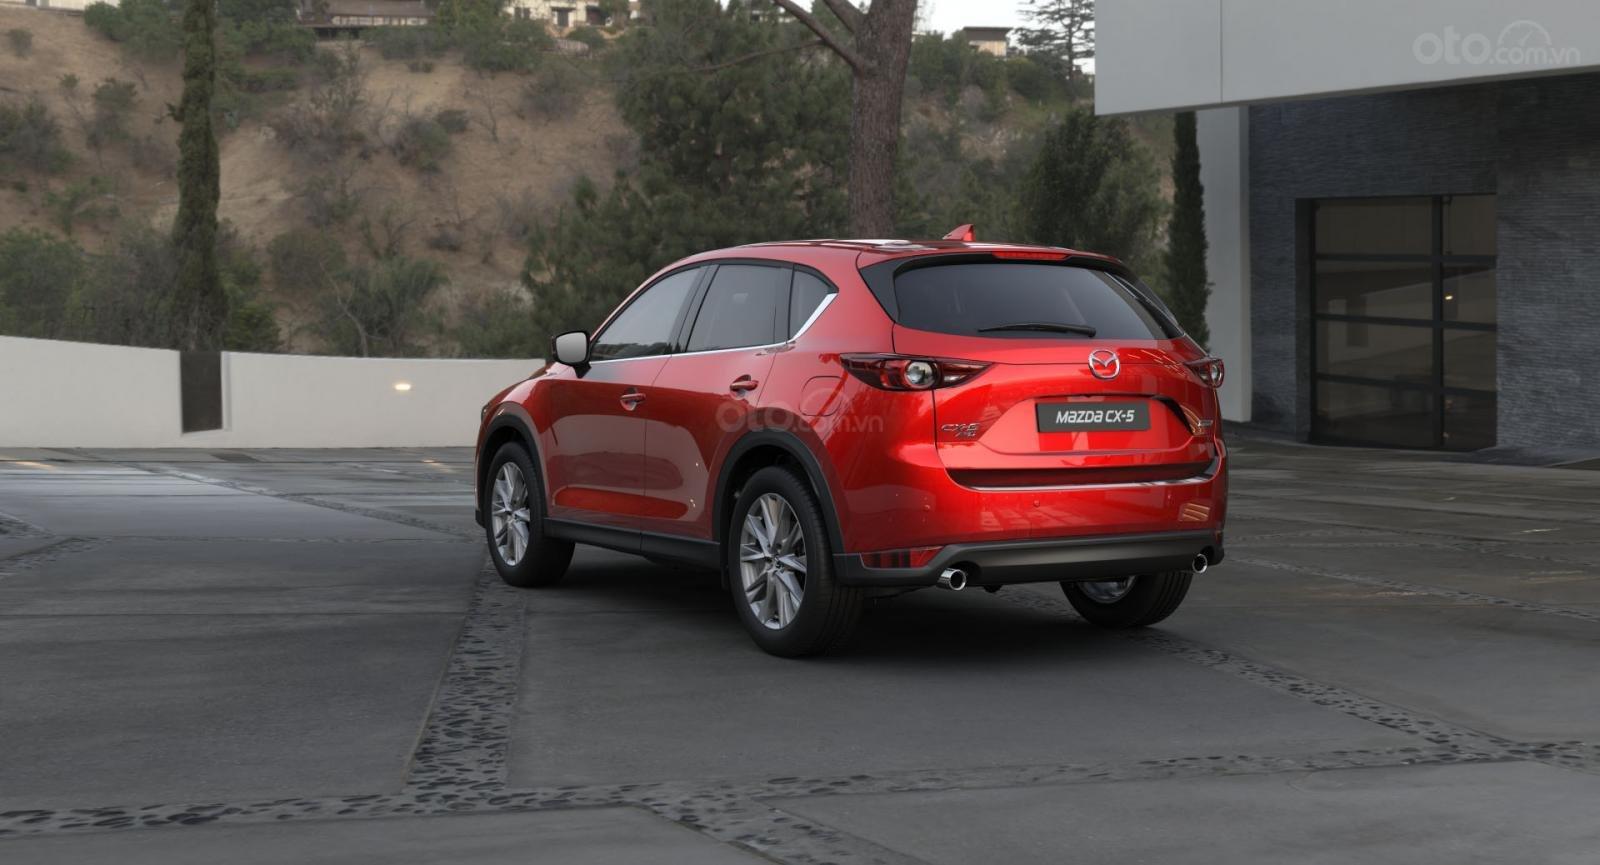 Mazda Phú Mỹ Hưng - New Mazda CX 5 2.0 Deluxe 2020, giá 844 triệu và ưu đãi tháng 03 (4)